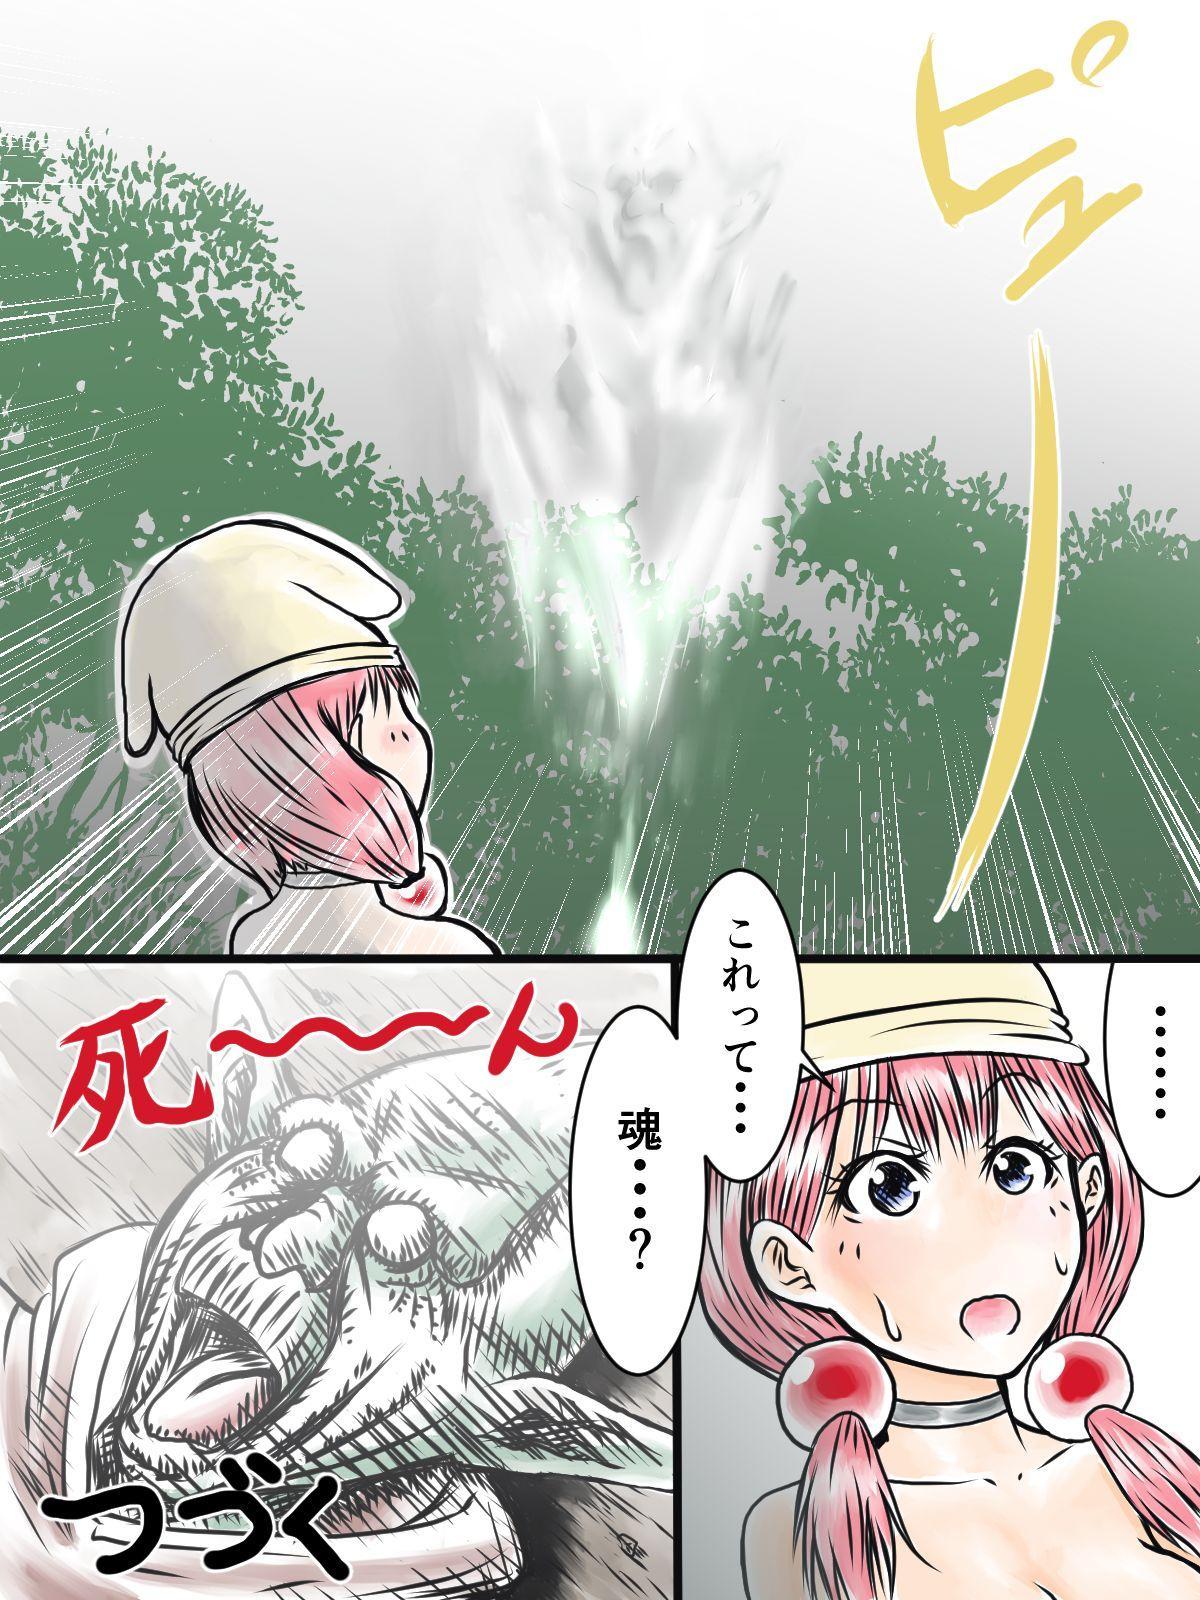 見習い魔導師ちゃん 8